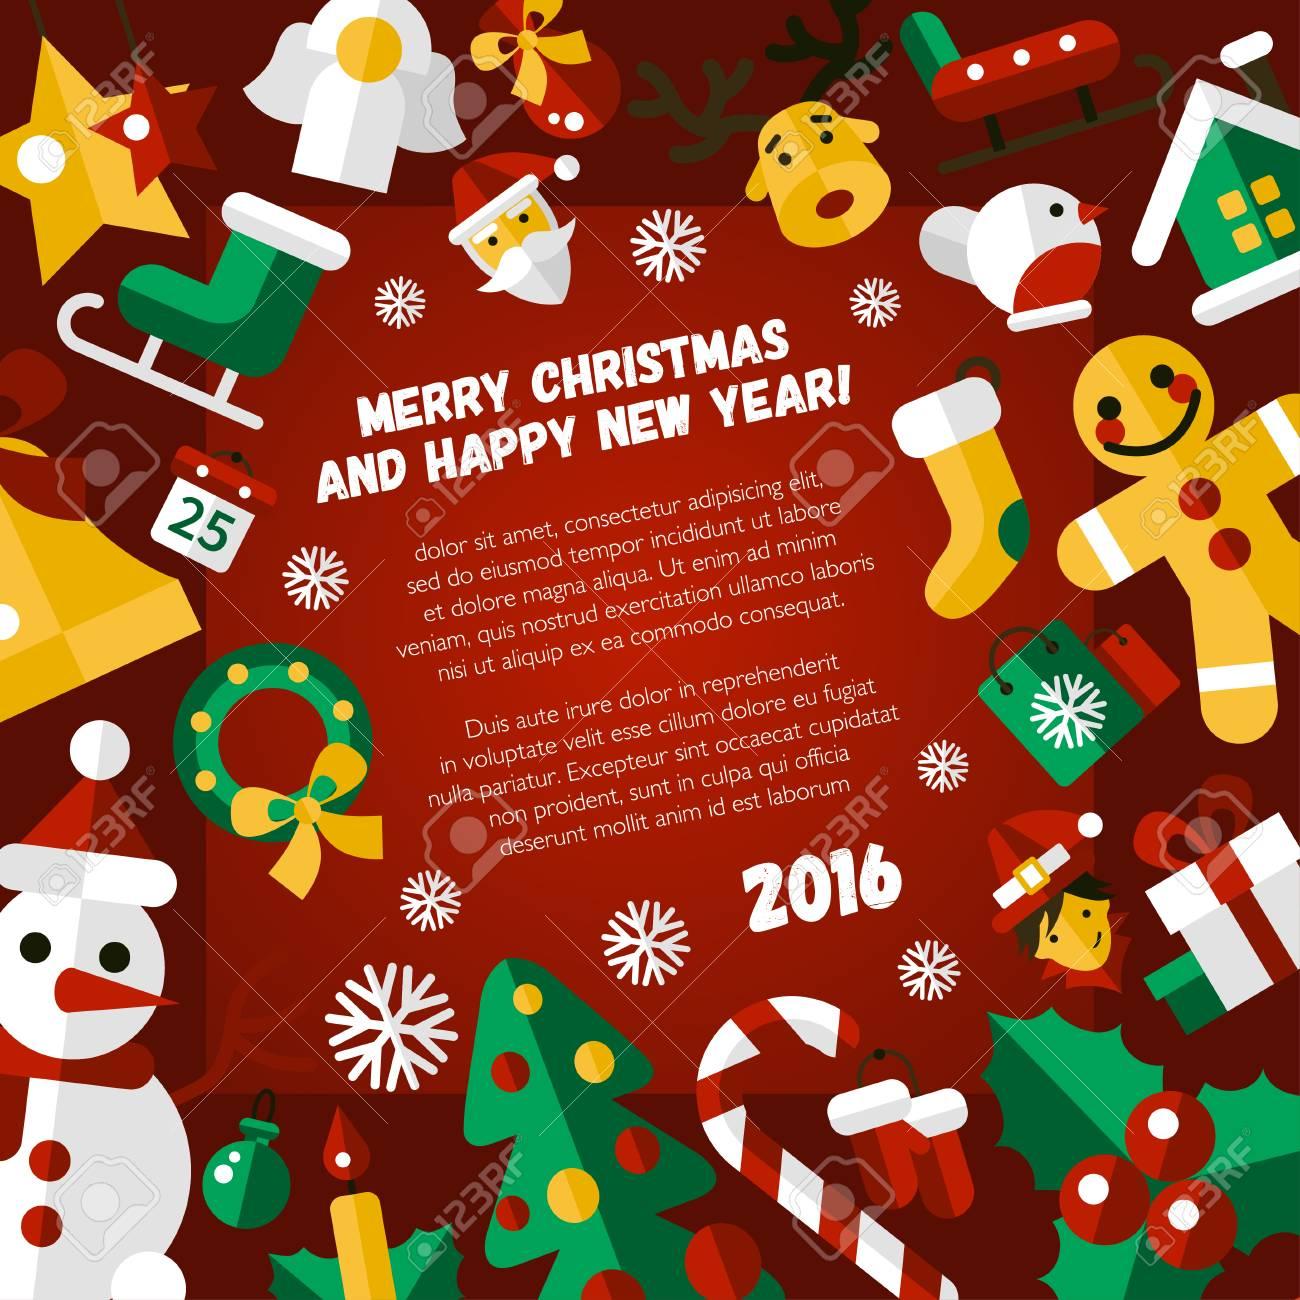 Asombroso Plantilla De Word De Invitación De Navidad Fotos - Ejemplo ...